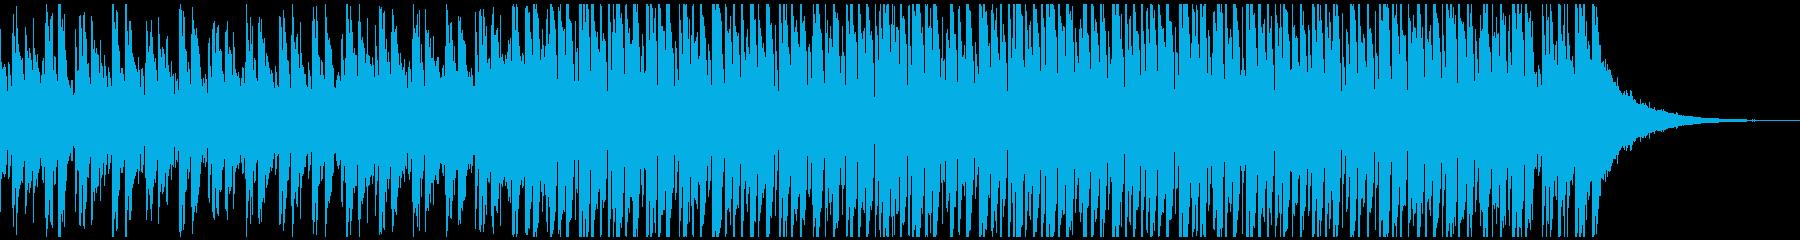 ダンスの背景(短)の再生済みの波形